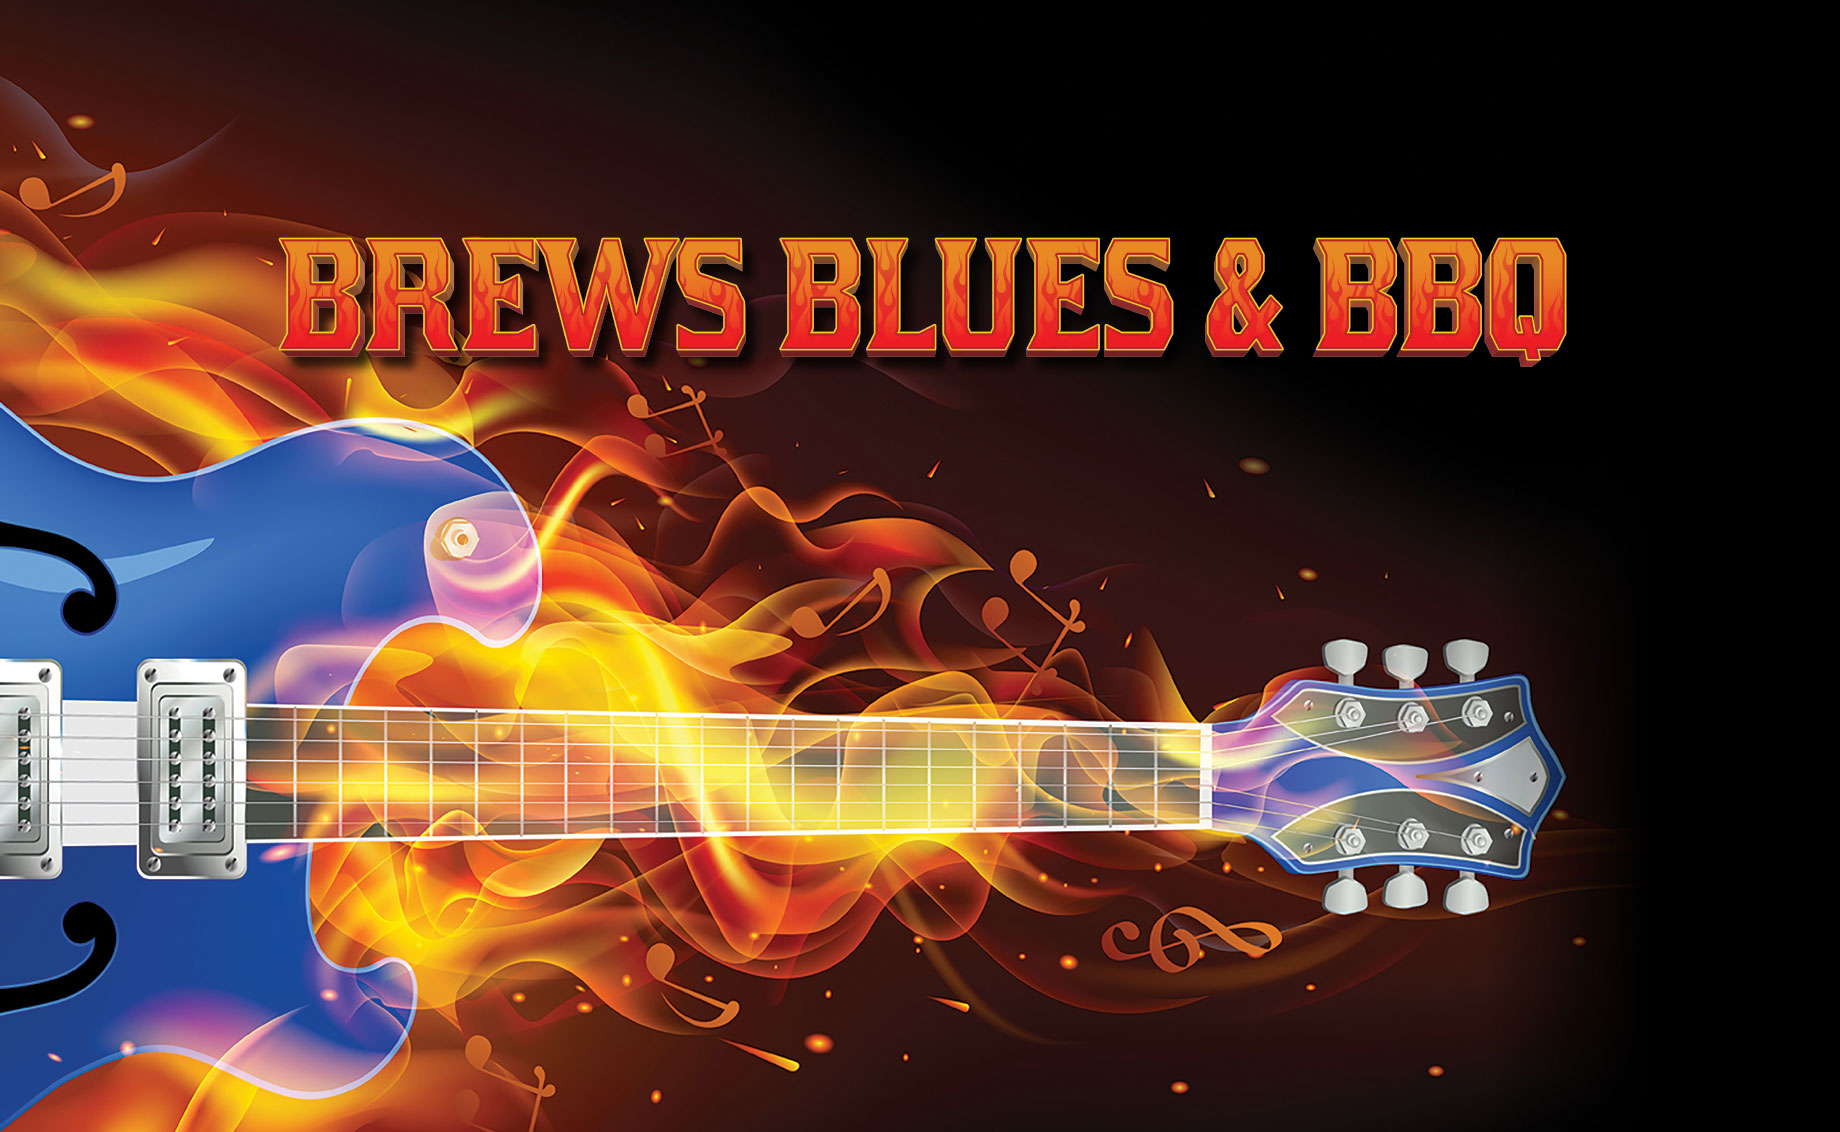 img-6988-brews-blues-and-bbq-9-22-920x566.jpg